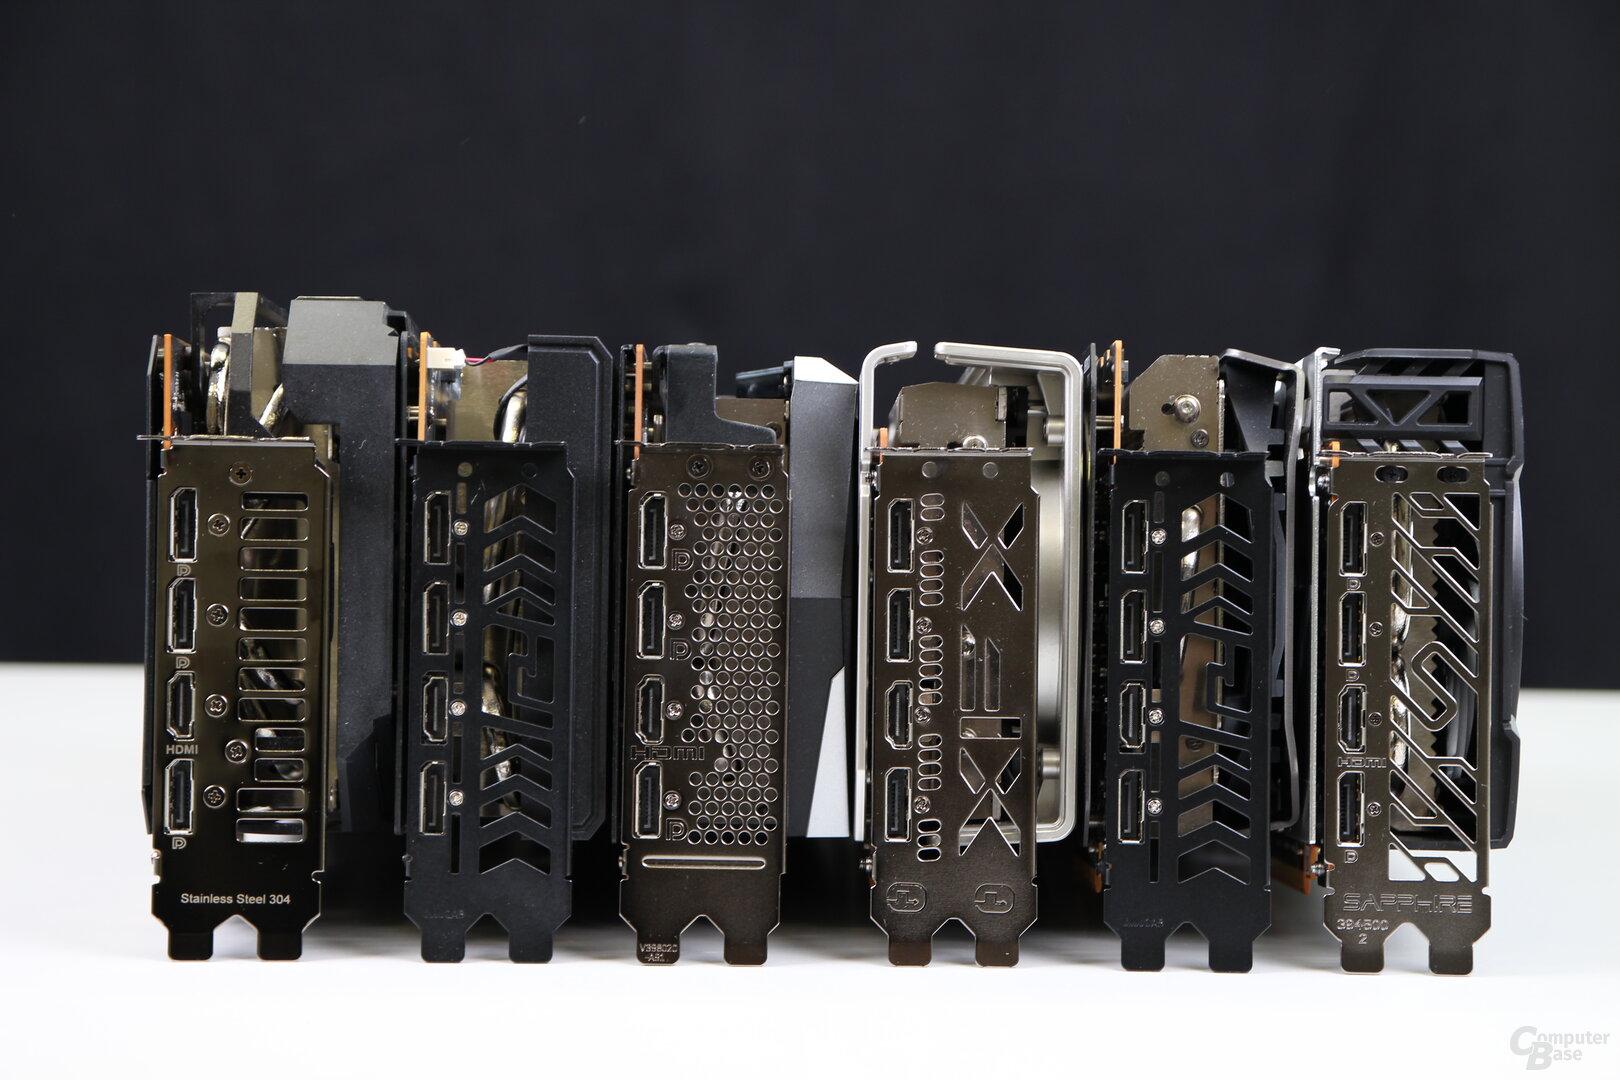 Die Monitoranschlüsse der Radeon RX 6700 XT Customs